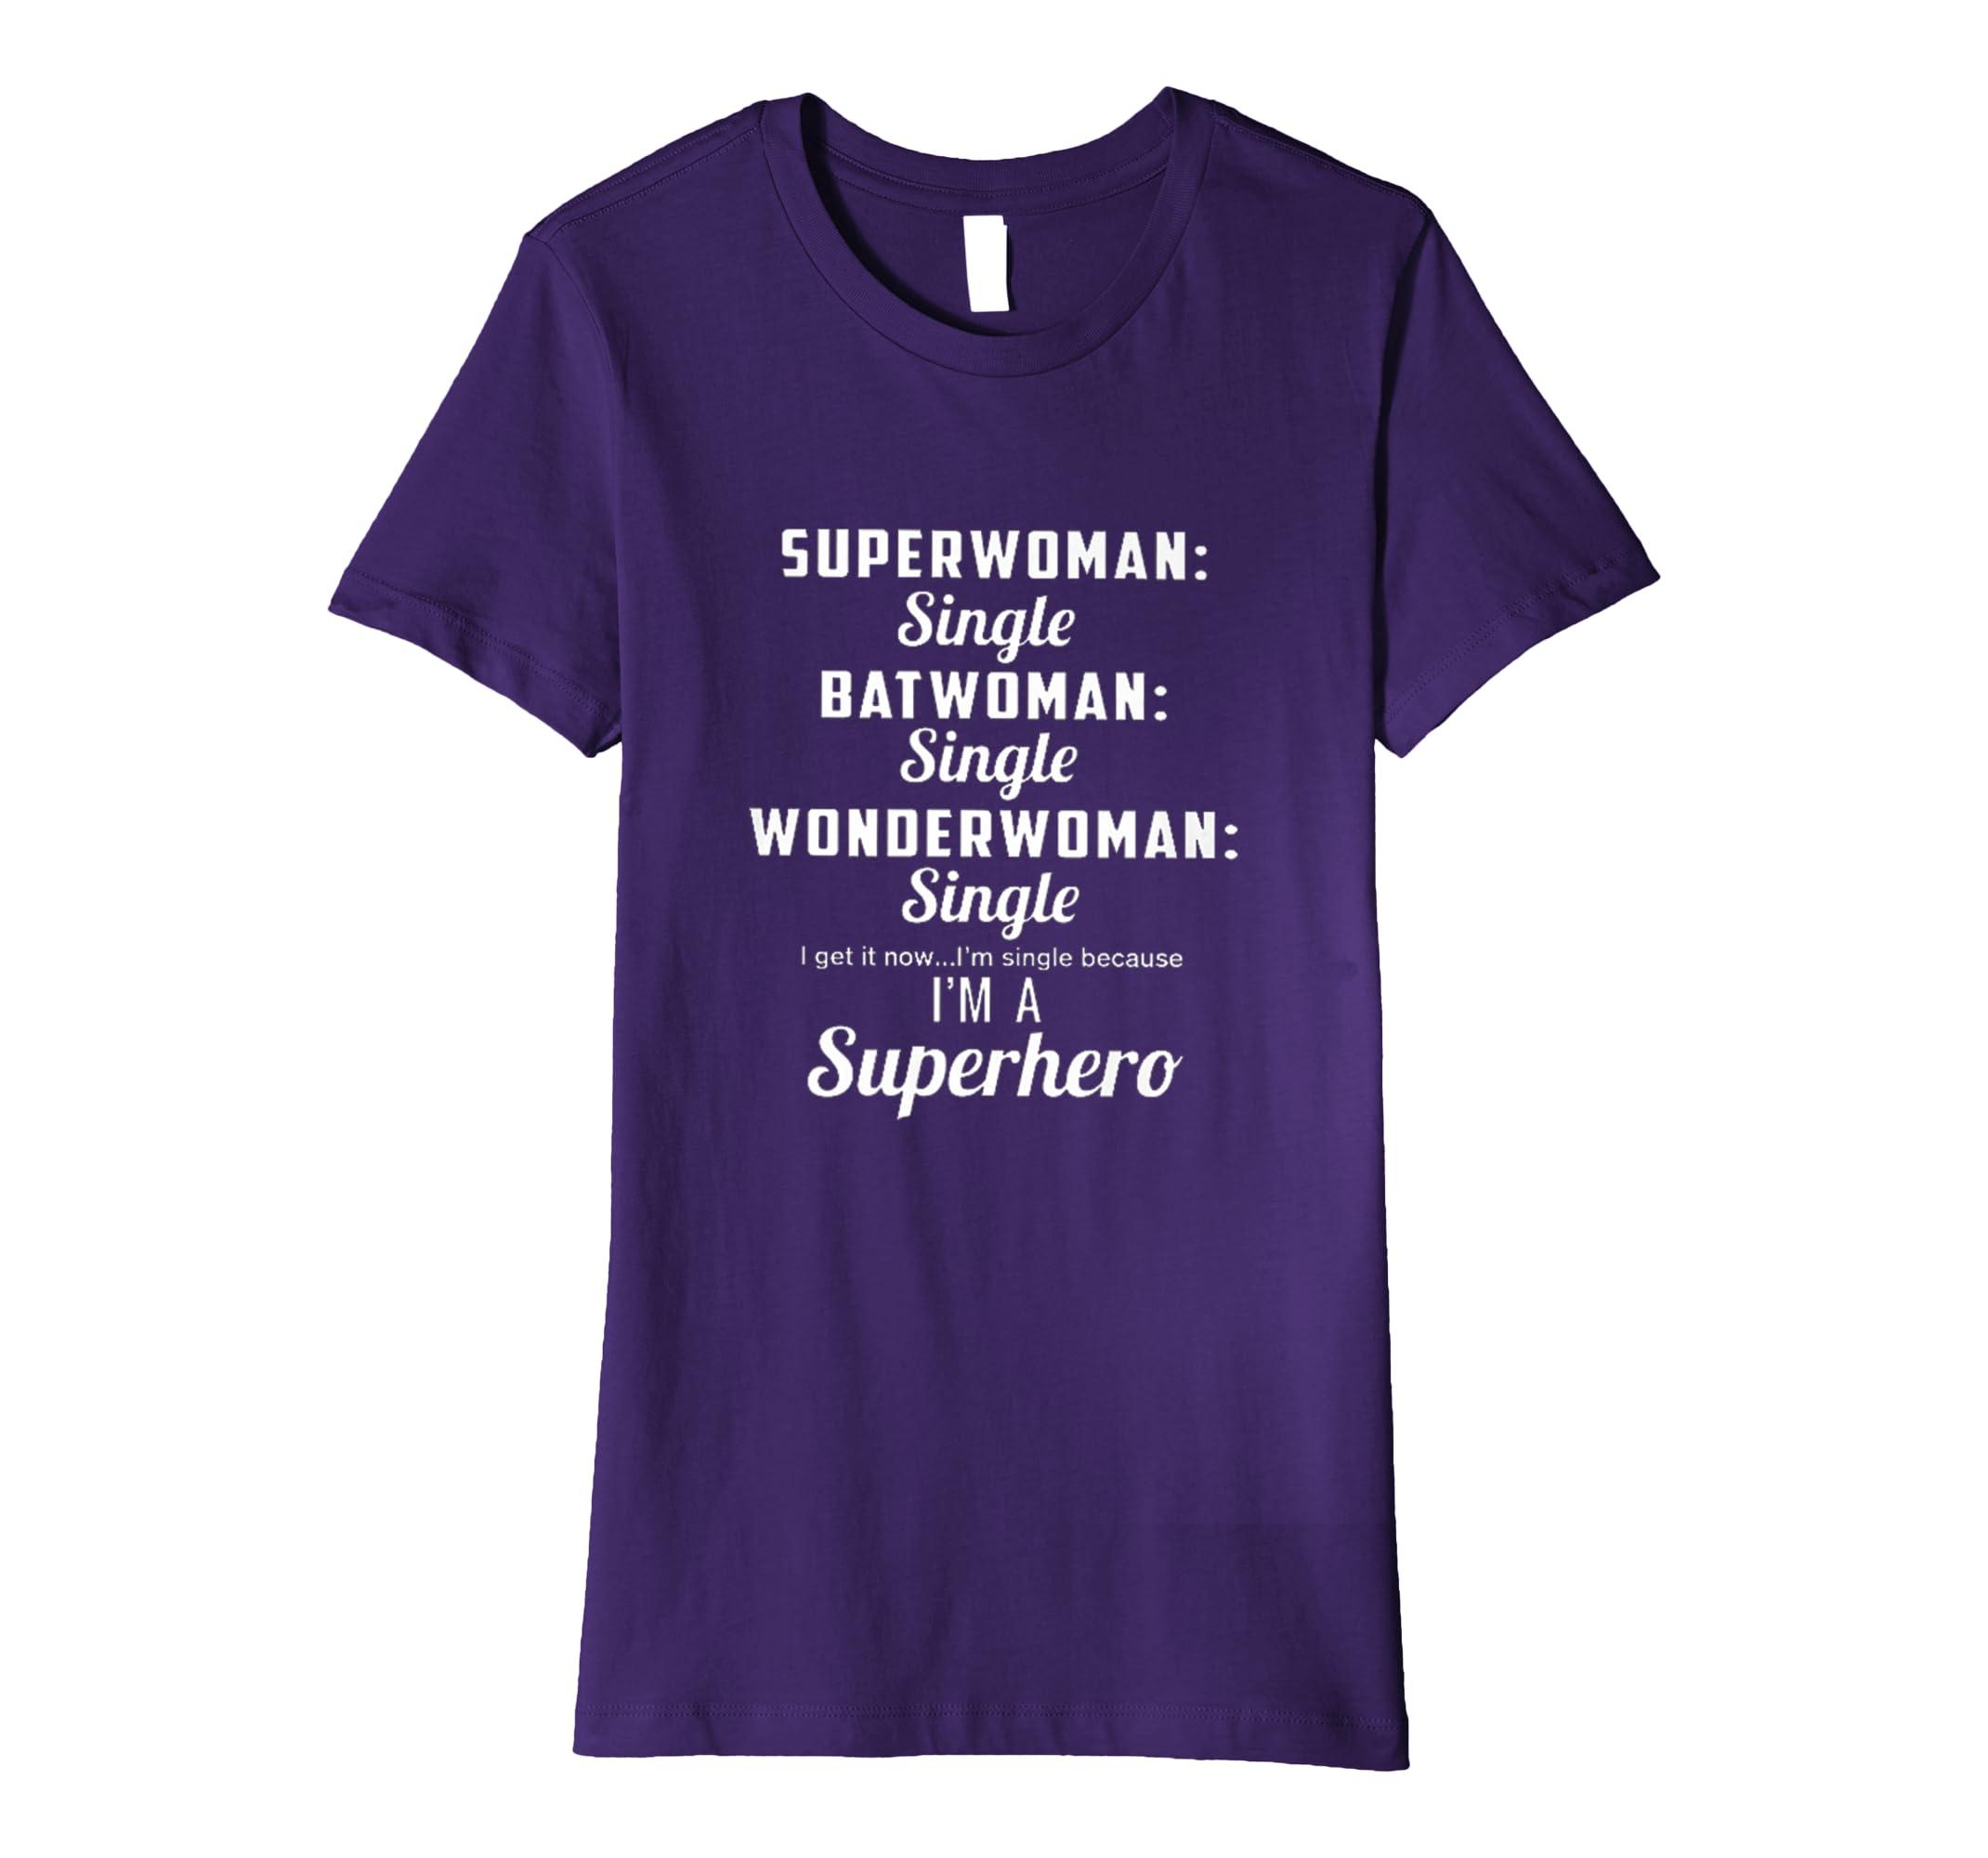 e7605a89 Amazon.com: I'm A Superhero T-shirt: Clothing